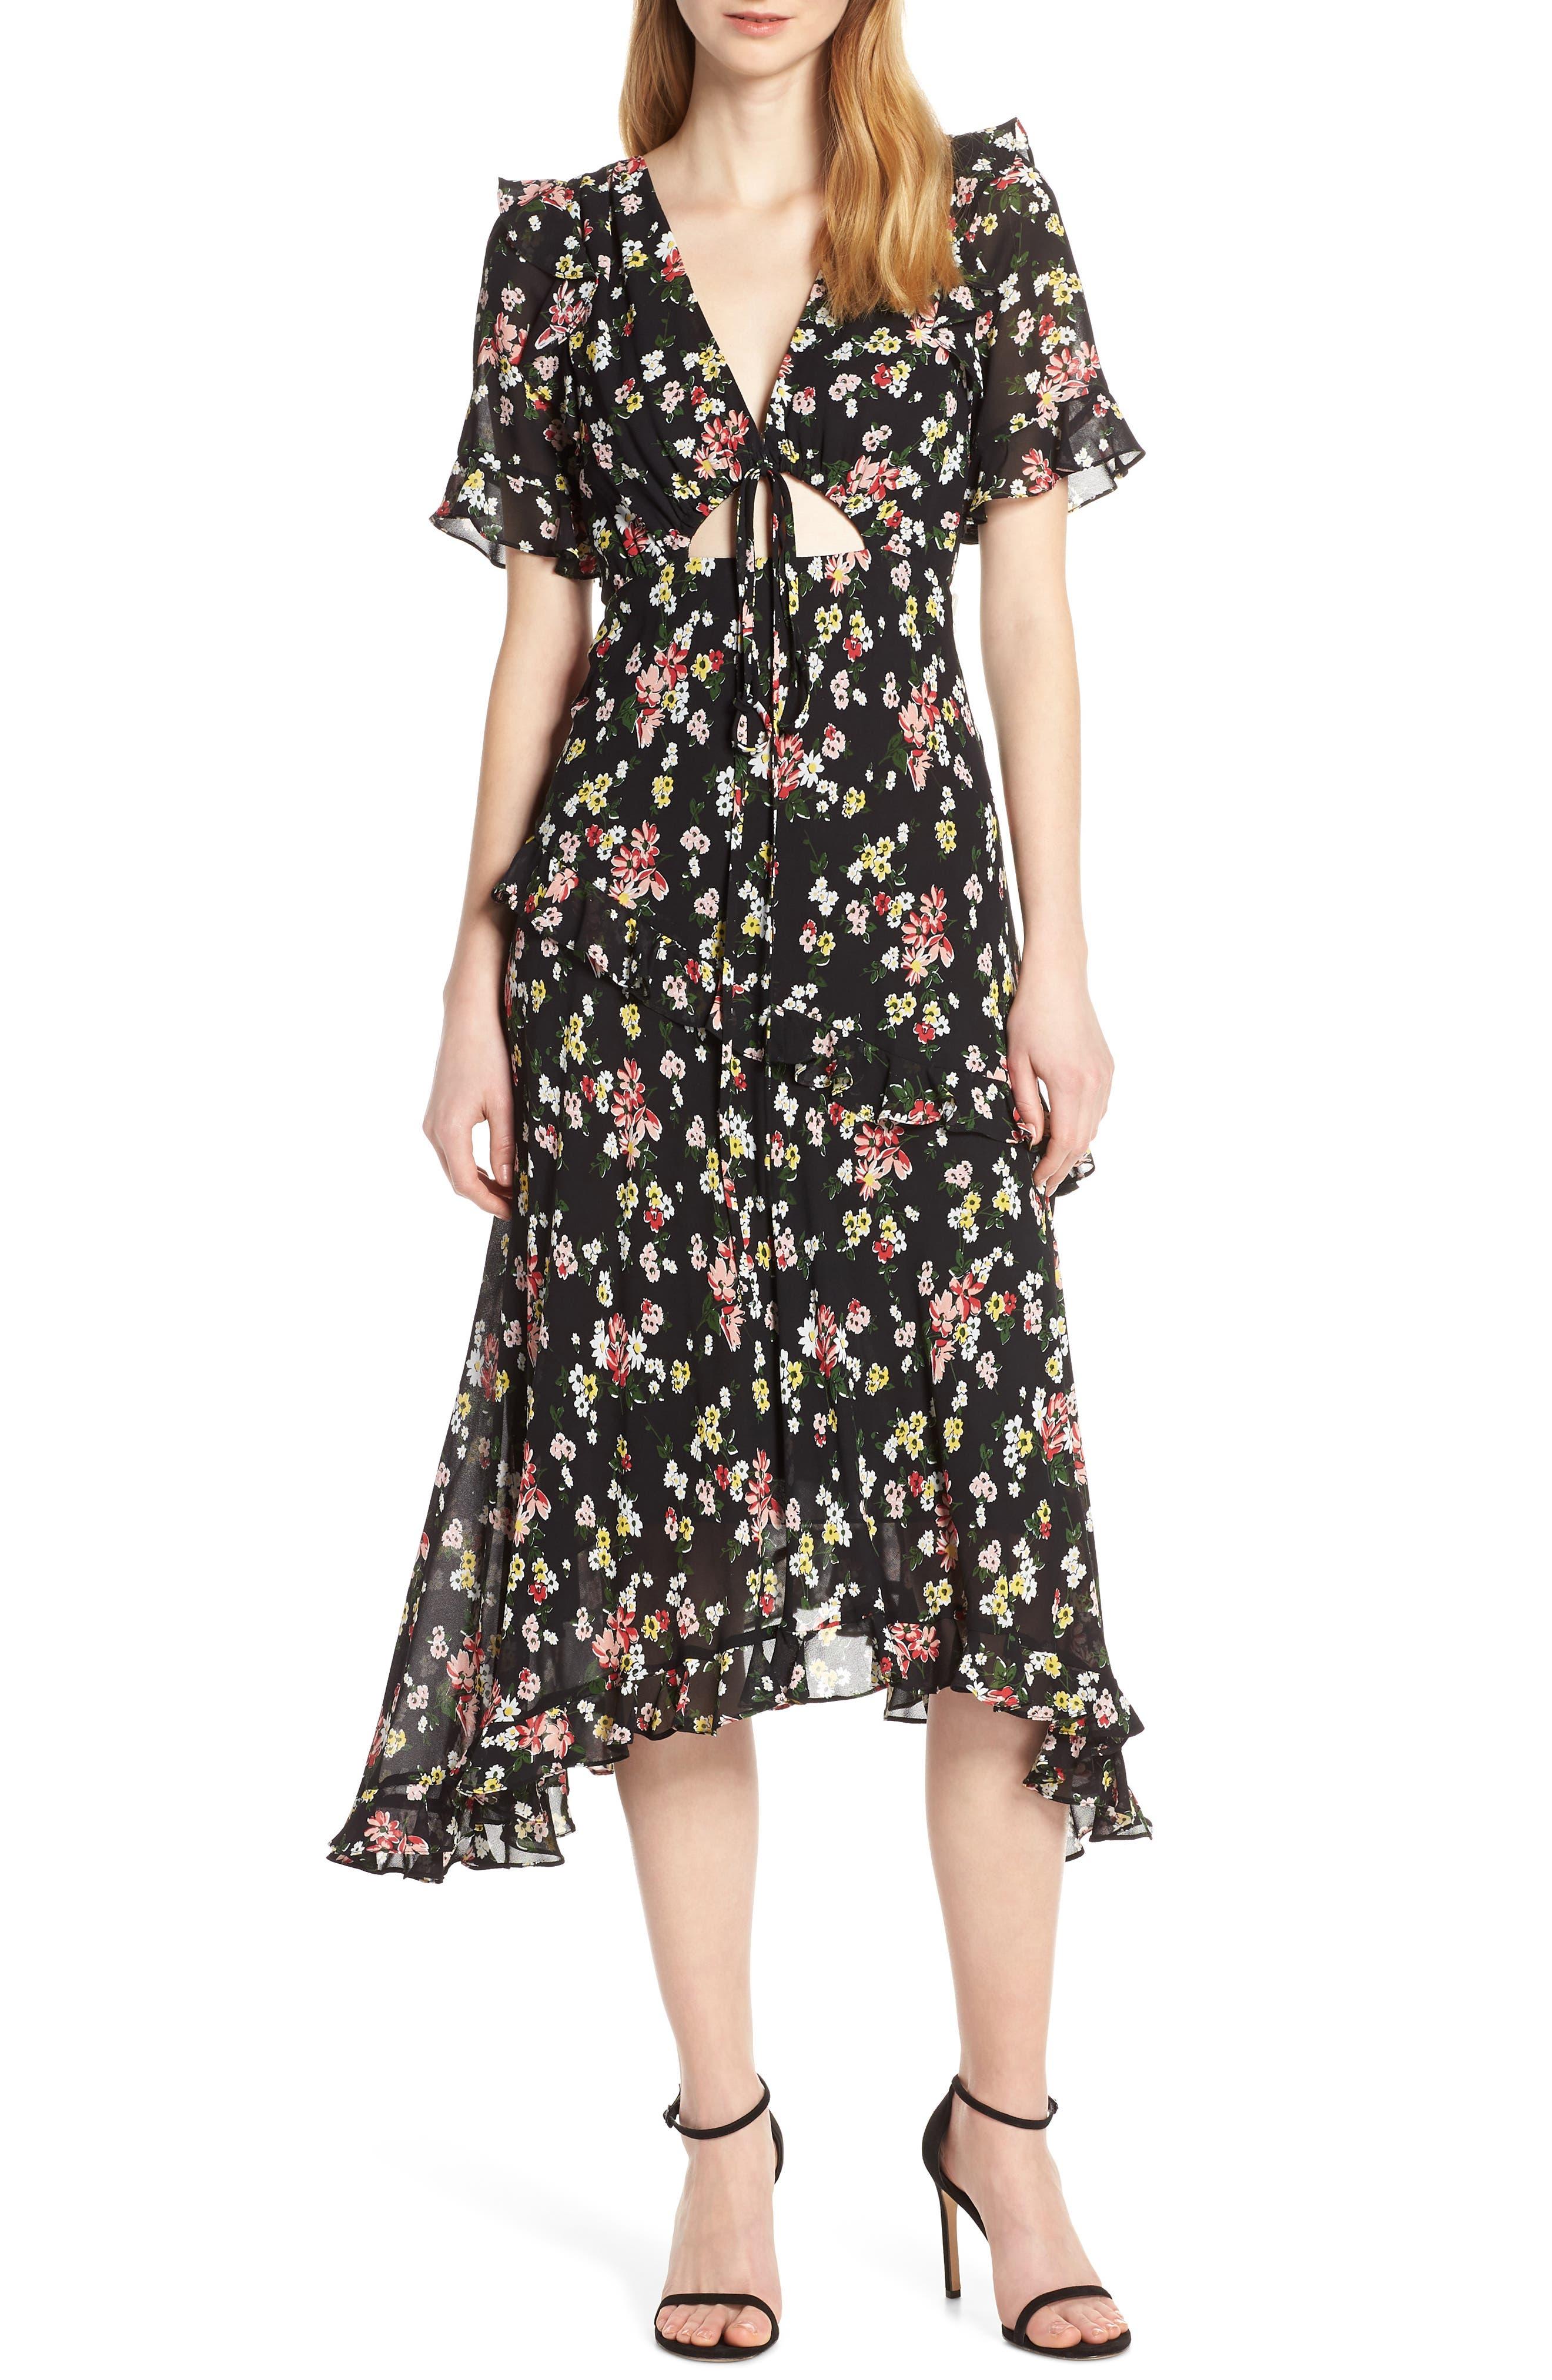 Jill Jill Stuart Floral Georgette Dress, Black